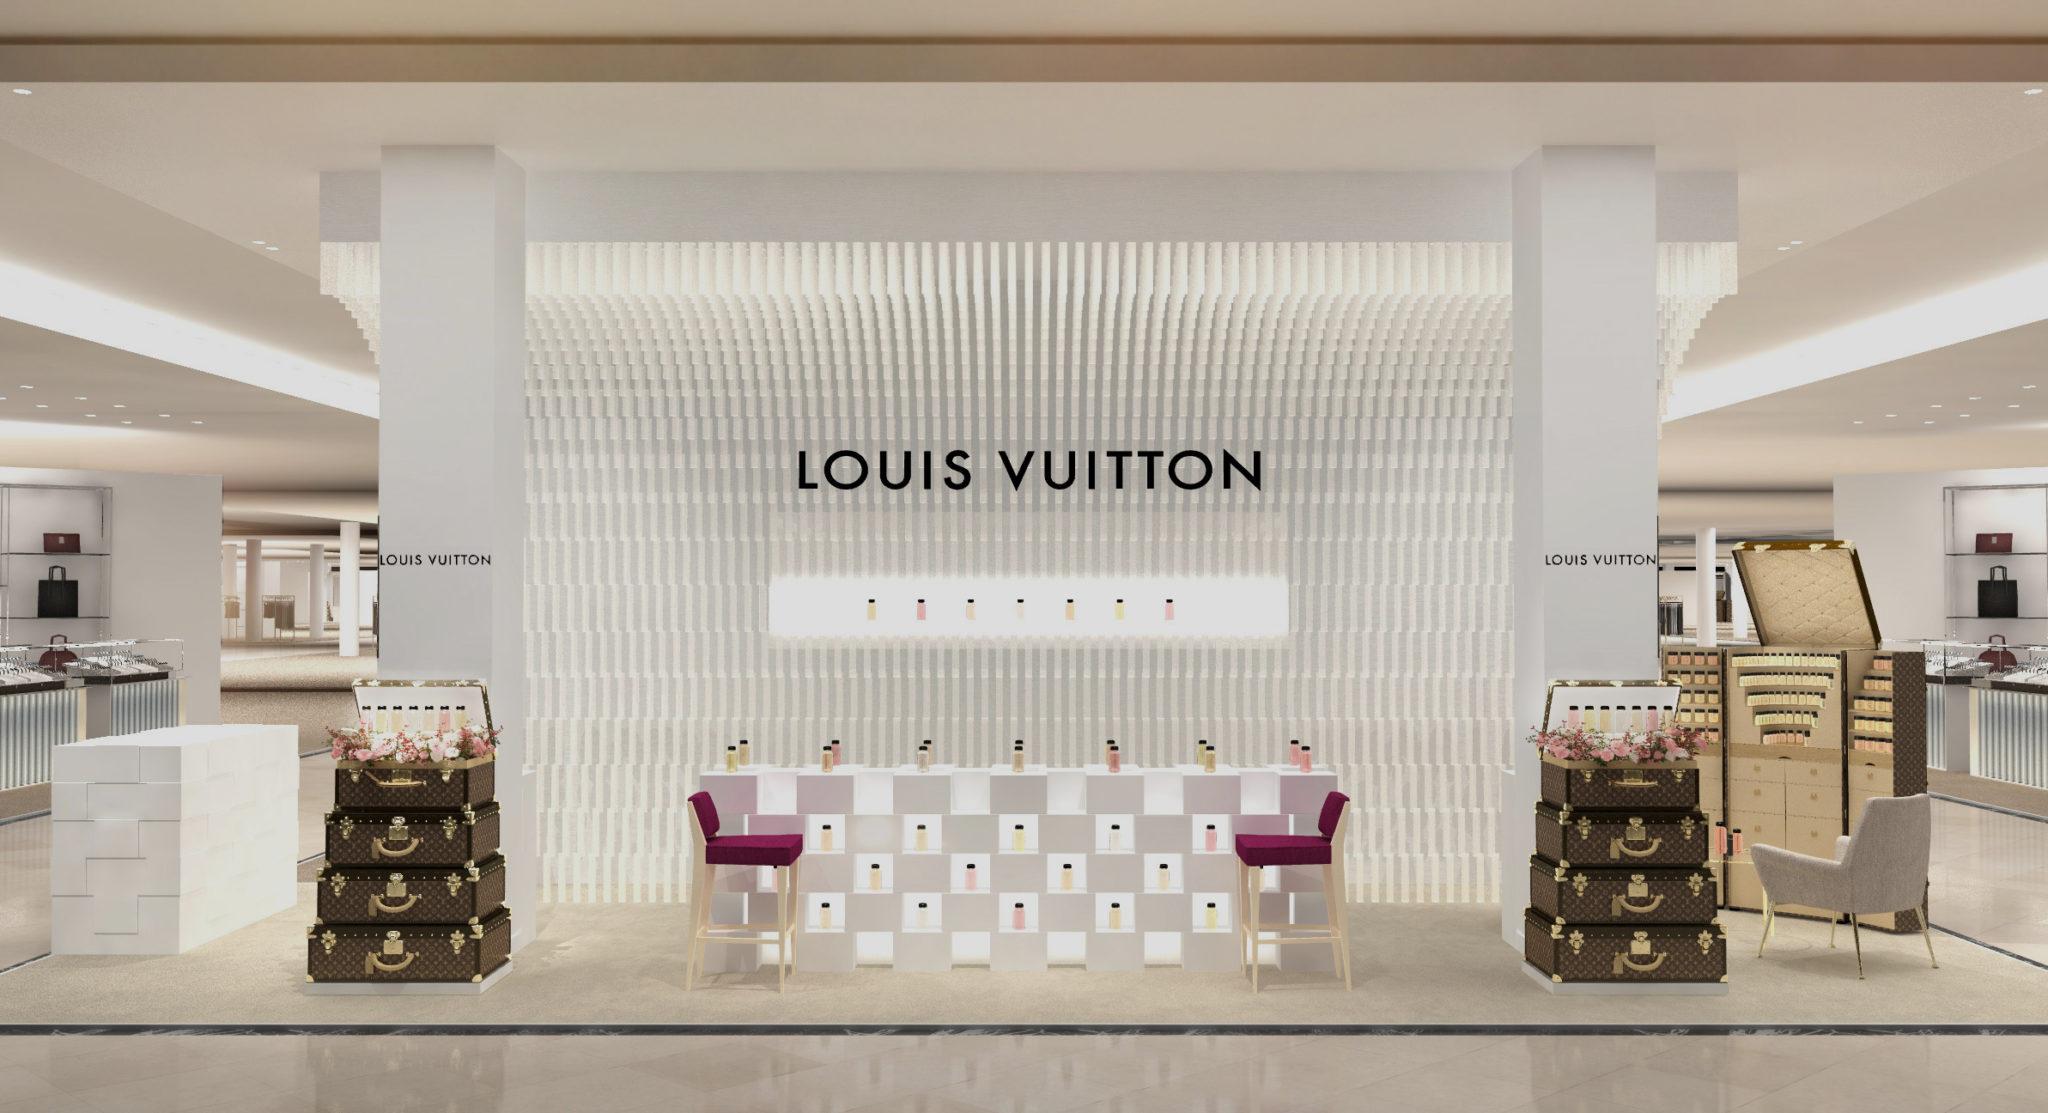 LOUIS VUITTON LES PARFUMS AMERICAN POP-UP SHOP